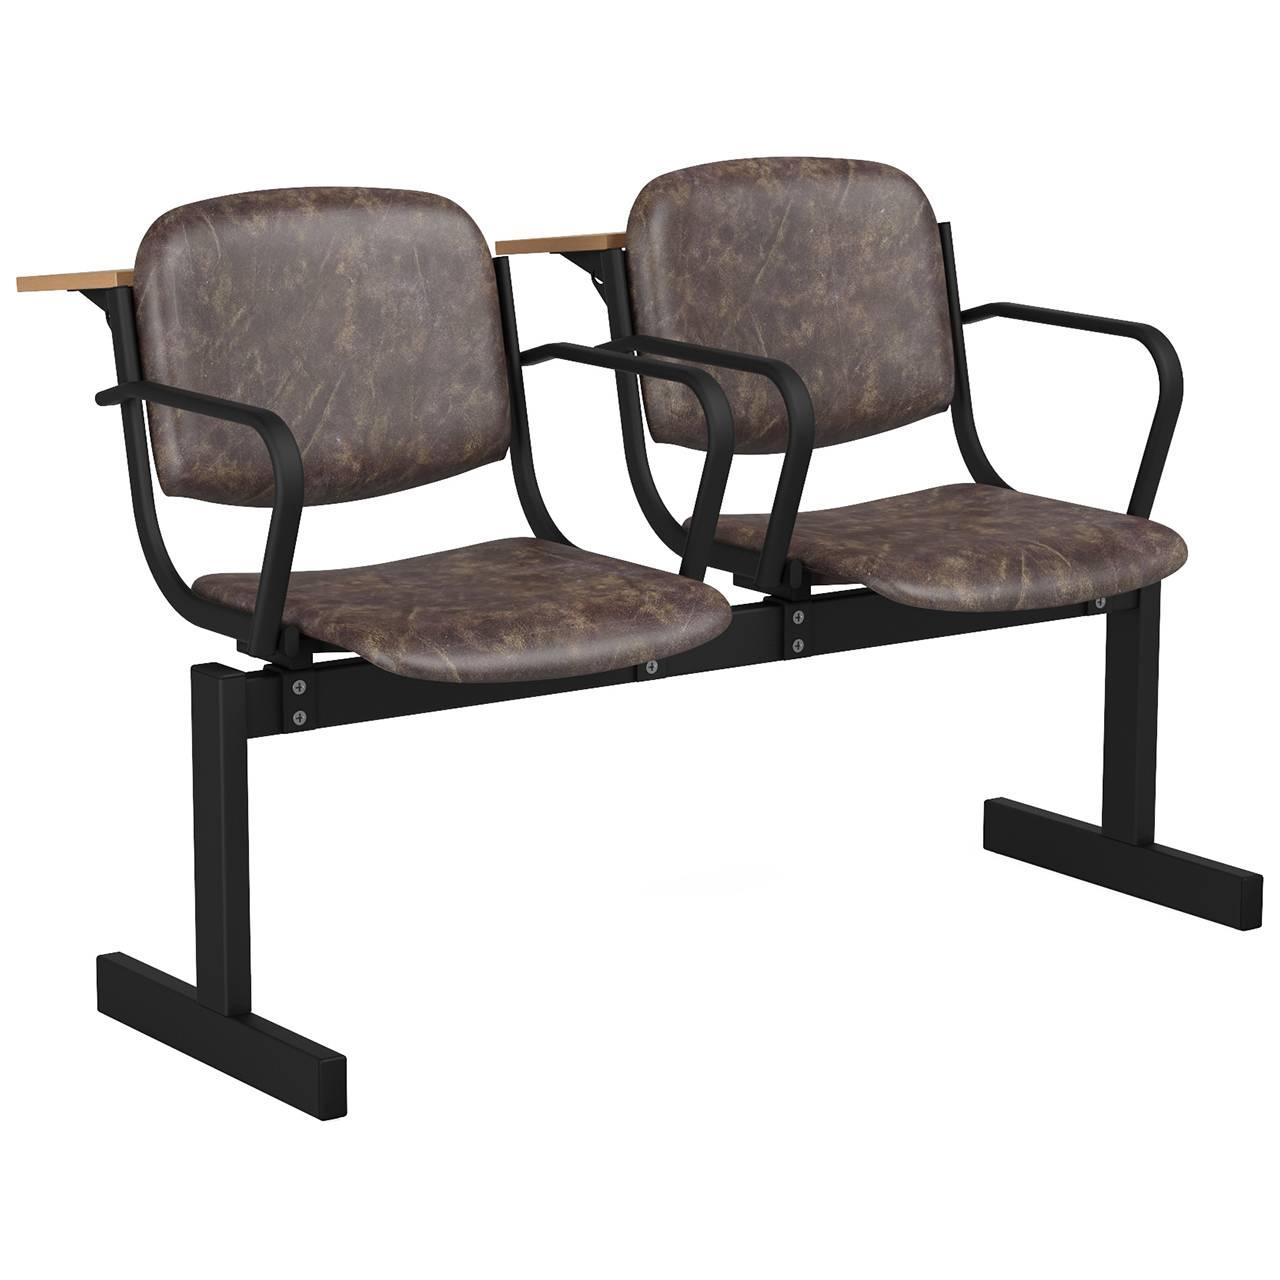 2-местный, не откидывающиеся сиденья, мягкий, подлокотники, лекционный черный коричневый Кожзаменитель